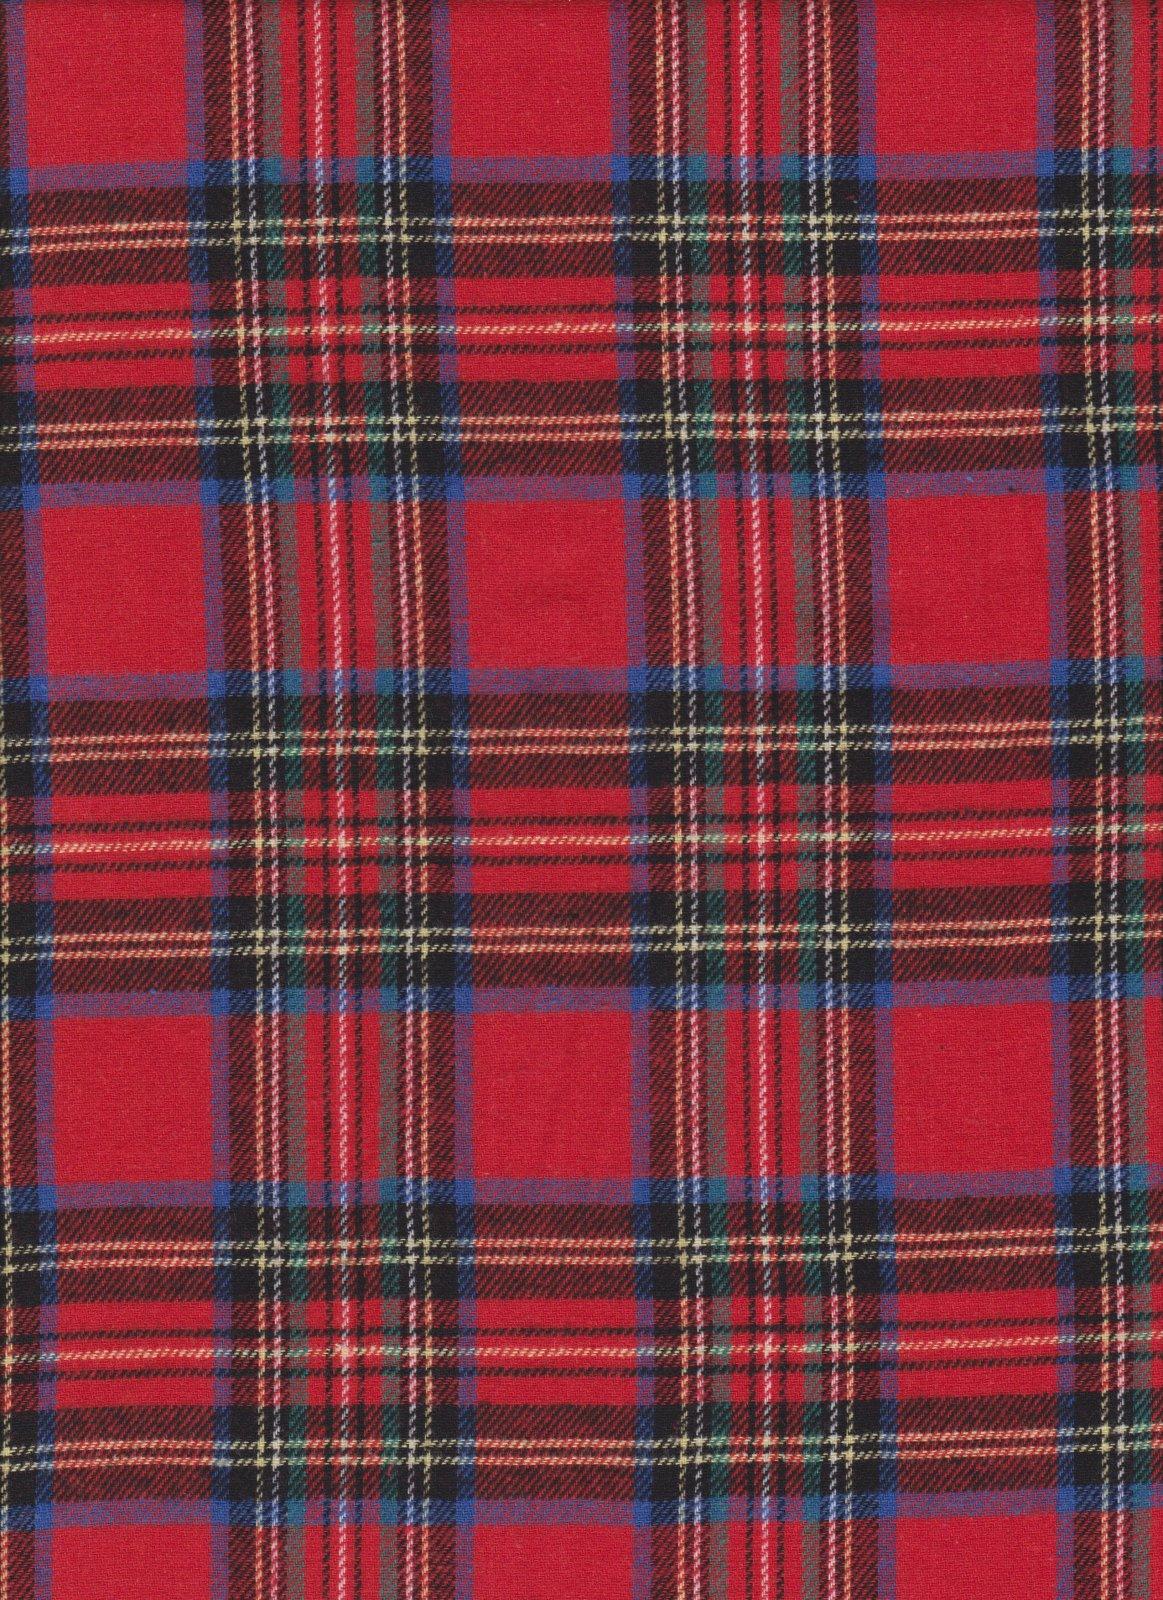 PROMO* Yarn Dyed Flannel Plaid - 6954 Royal Stewart